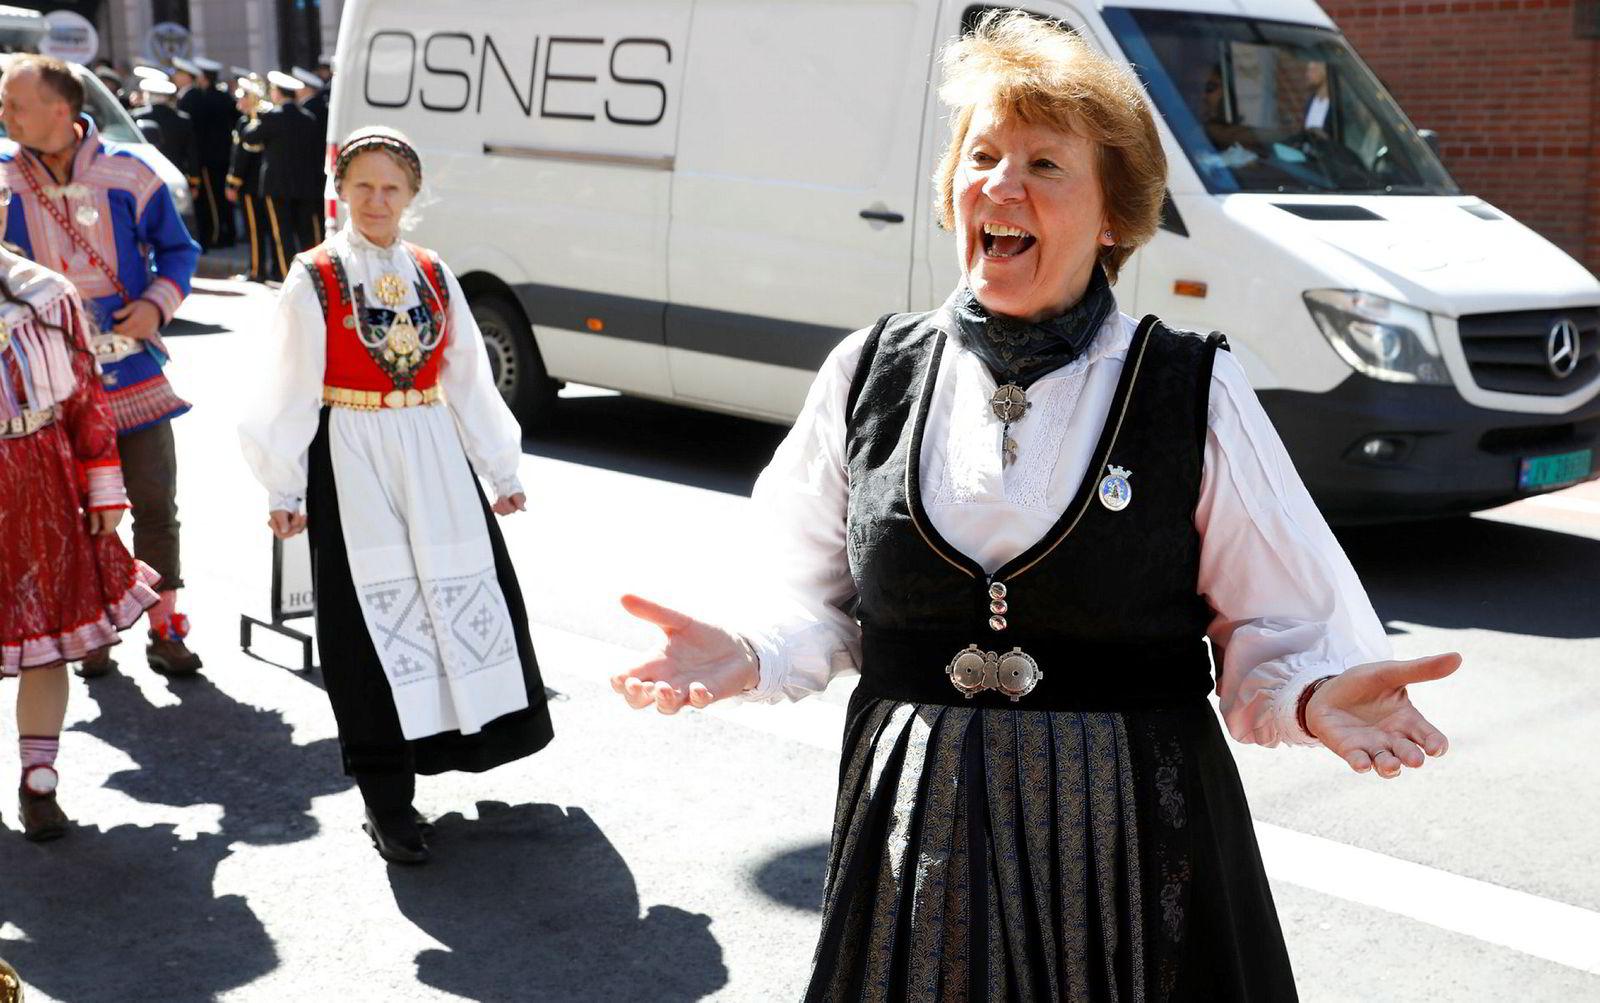 - Kjærligheten har ingen aldersgrenser, sa ordfører i Oslo, Marianne Borgen.